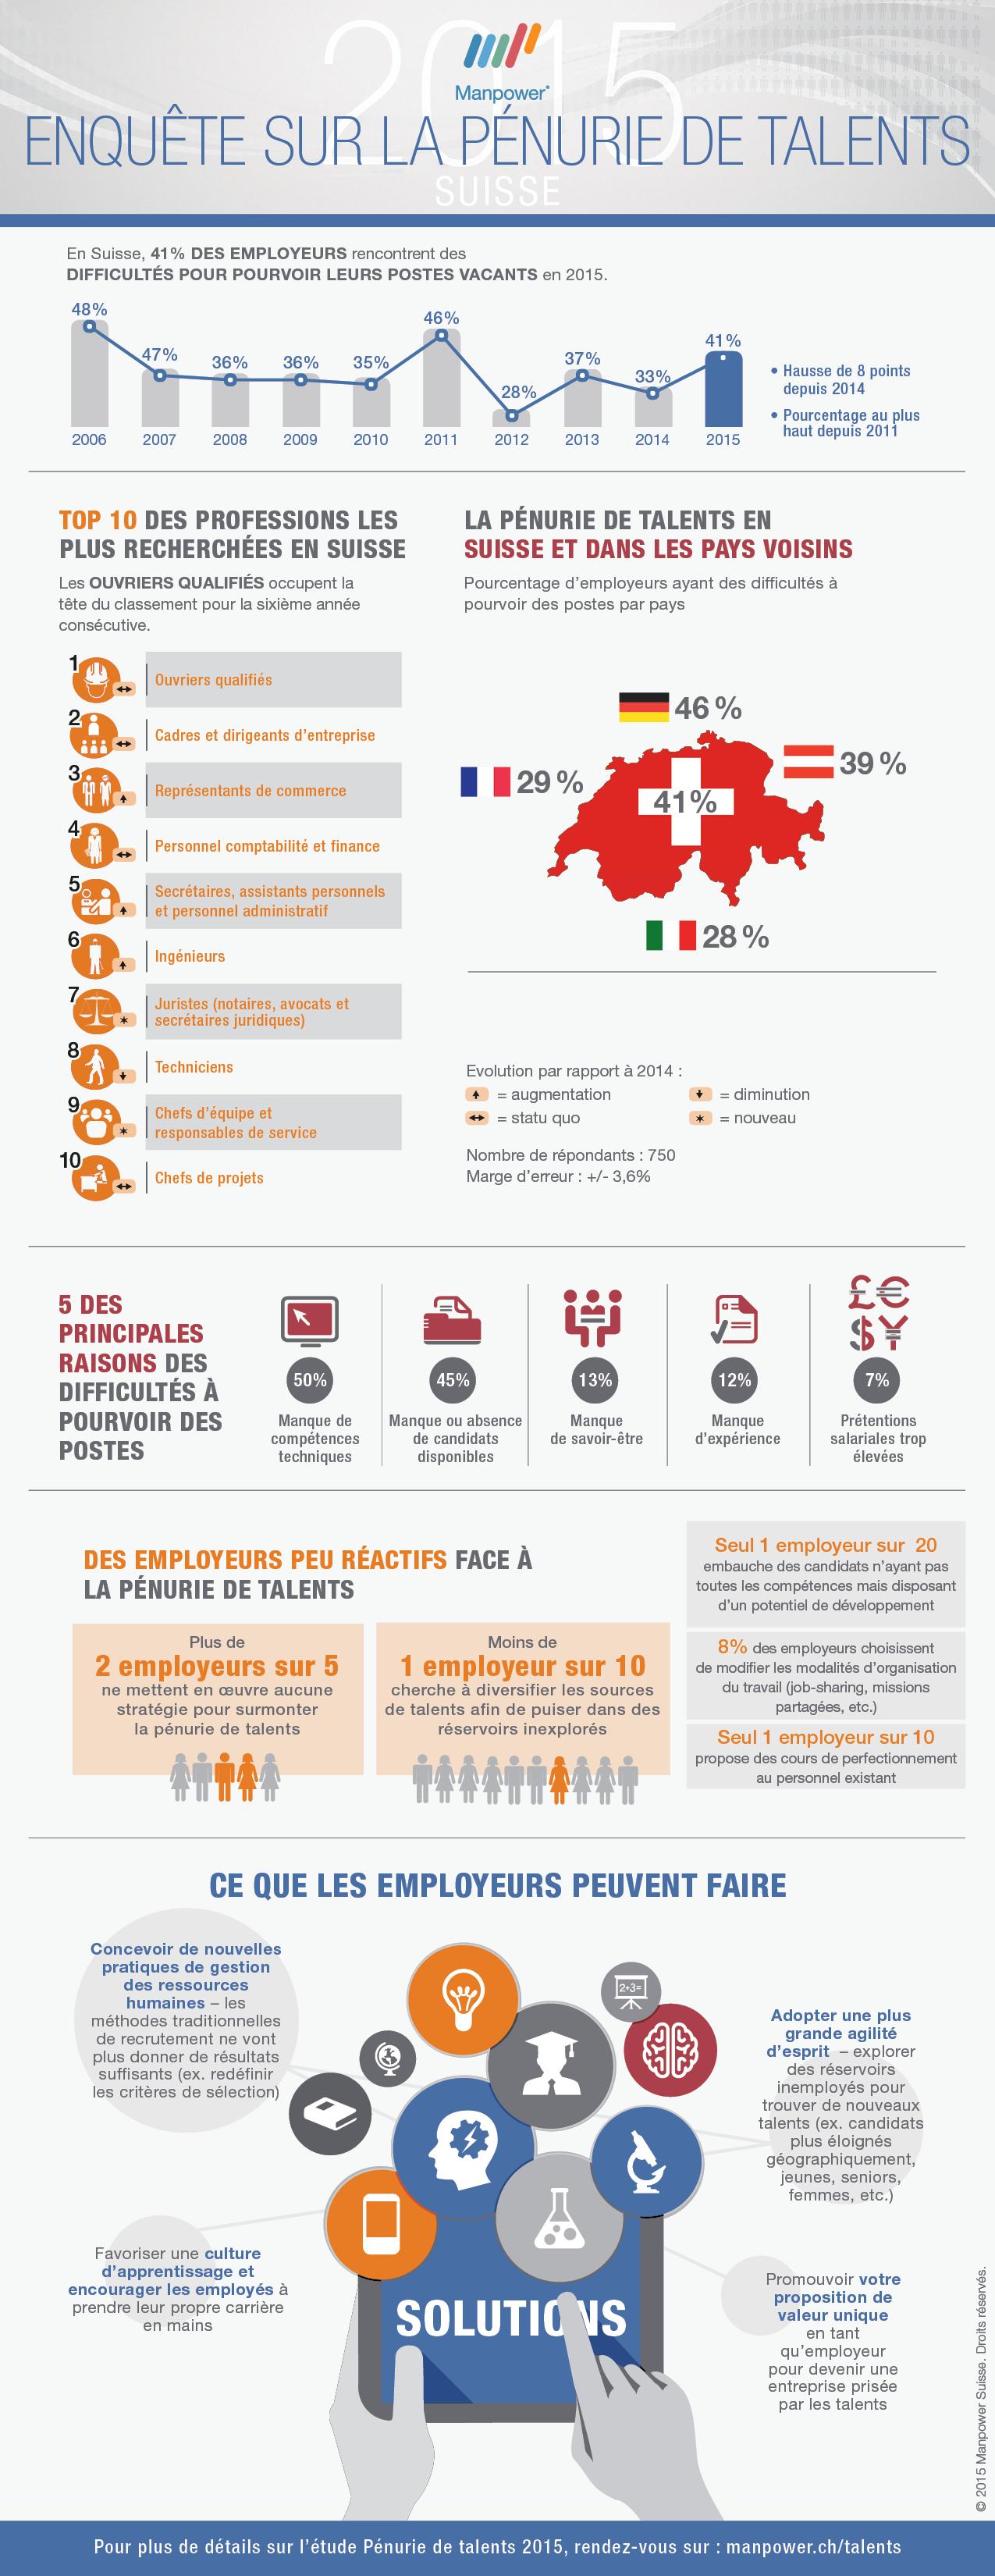 Suisse : la pénurie de talents gagne du terrain